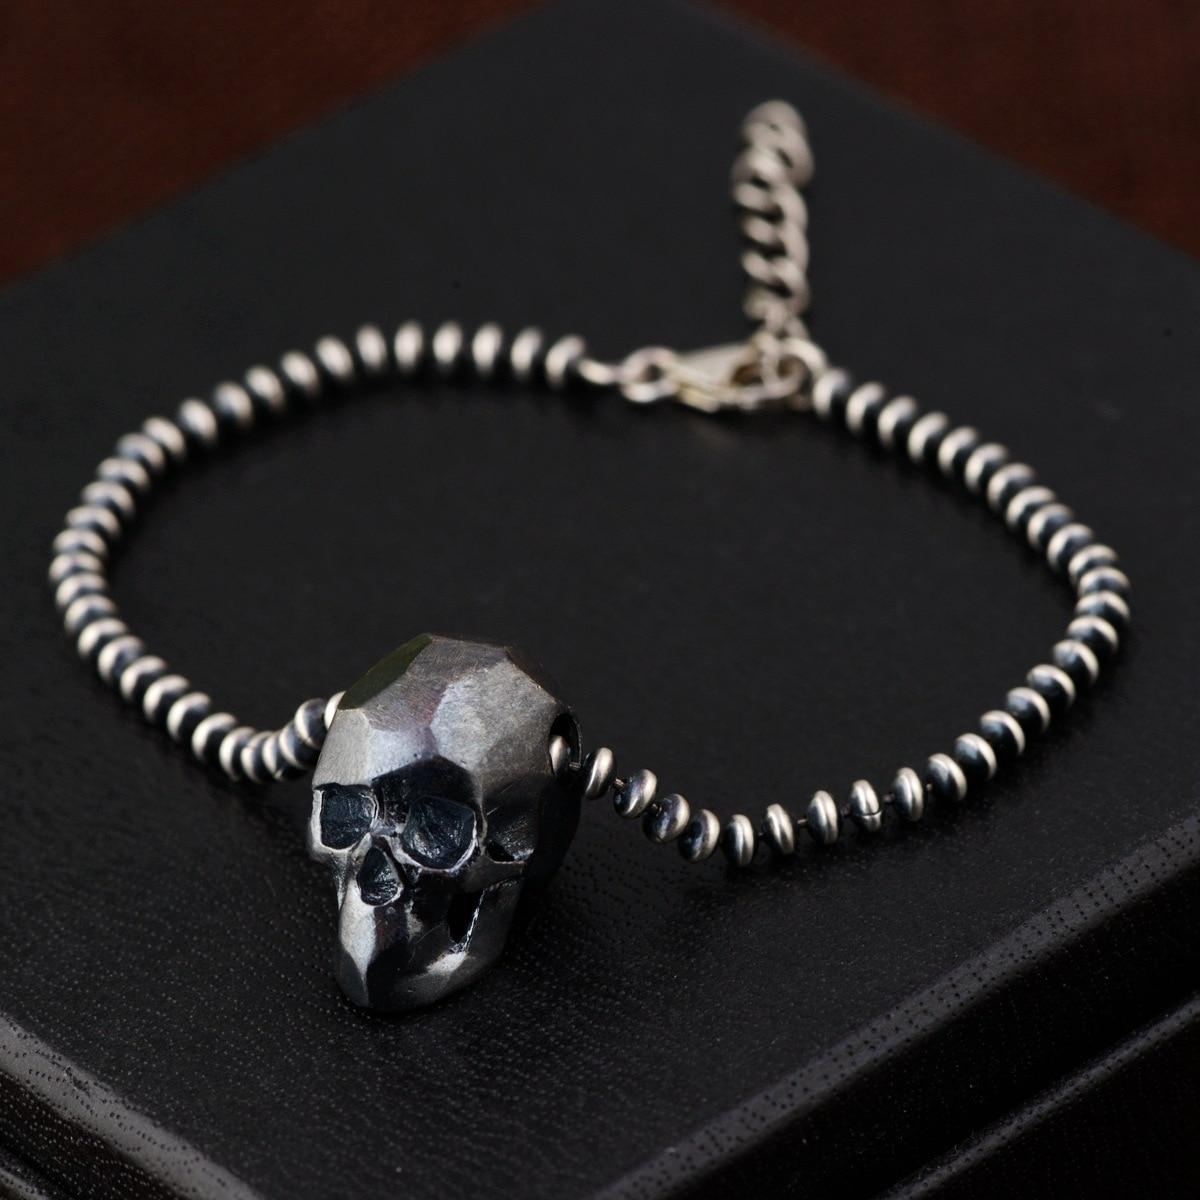 Bracelets & Bangles 925 Sterling Silver Skeleton Skull Head Beads Chain Bracelets For Men Women Thai Silver Vintage Punk Rock thai silver bracelets